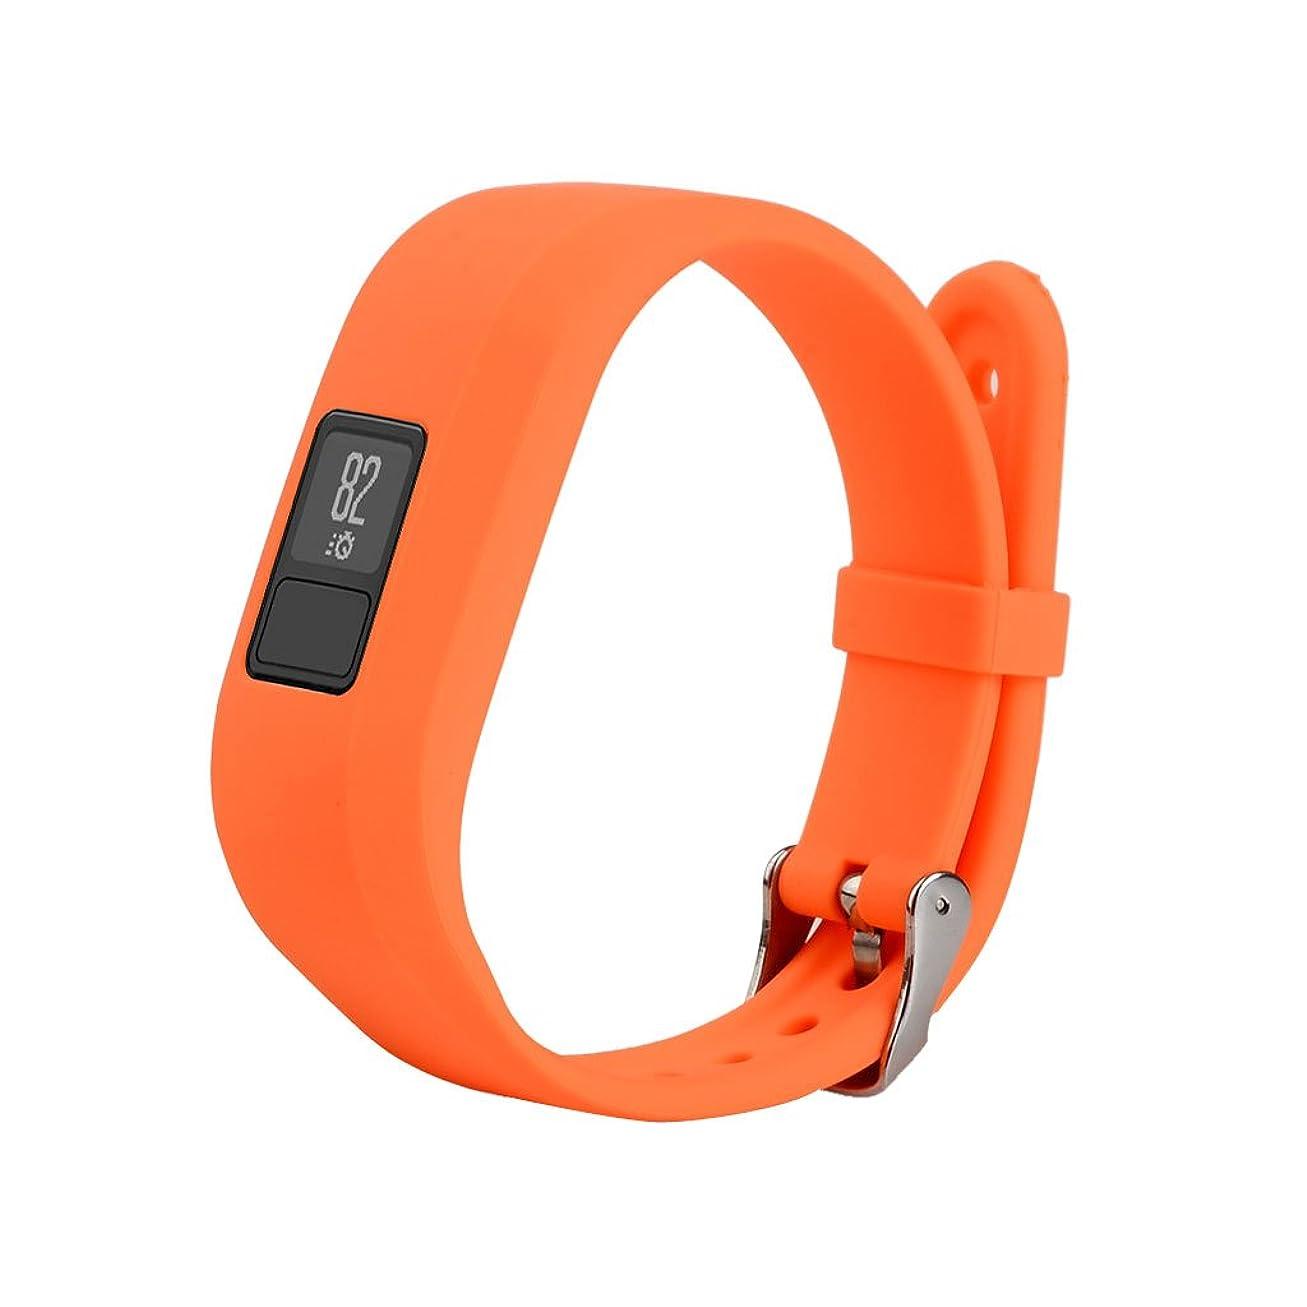 固める汚すつぼみLovoski  軽量 調節可能 シリコン リストバンド 腕時計バンドストラップ バックル付き Garmin Vivofit3 対応 - オレンジ